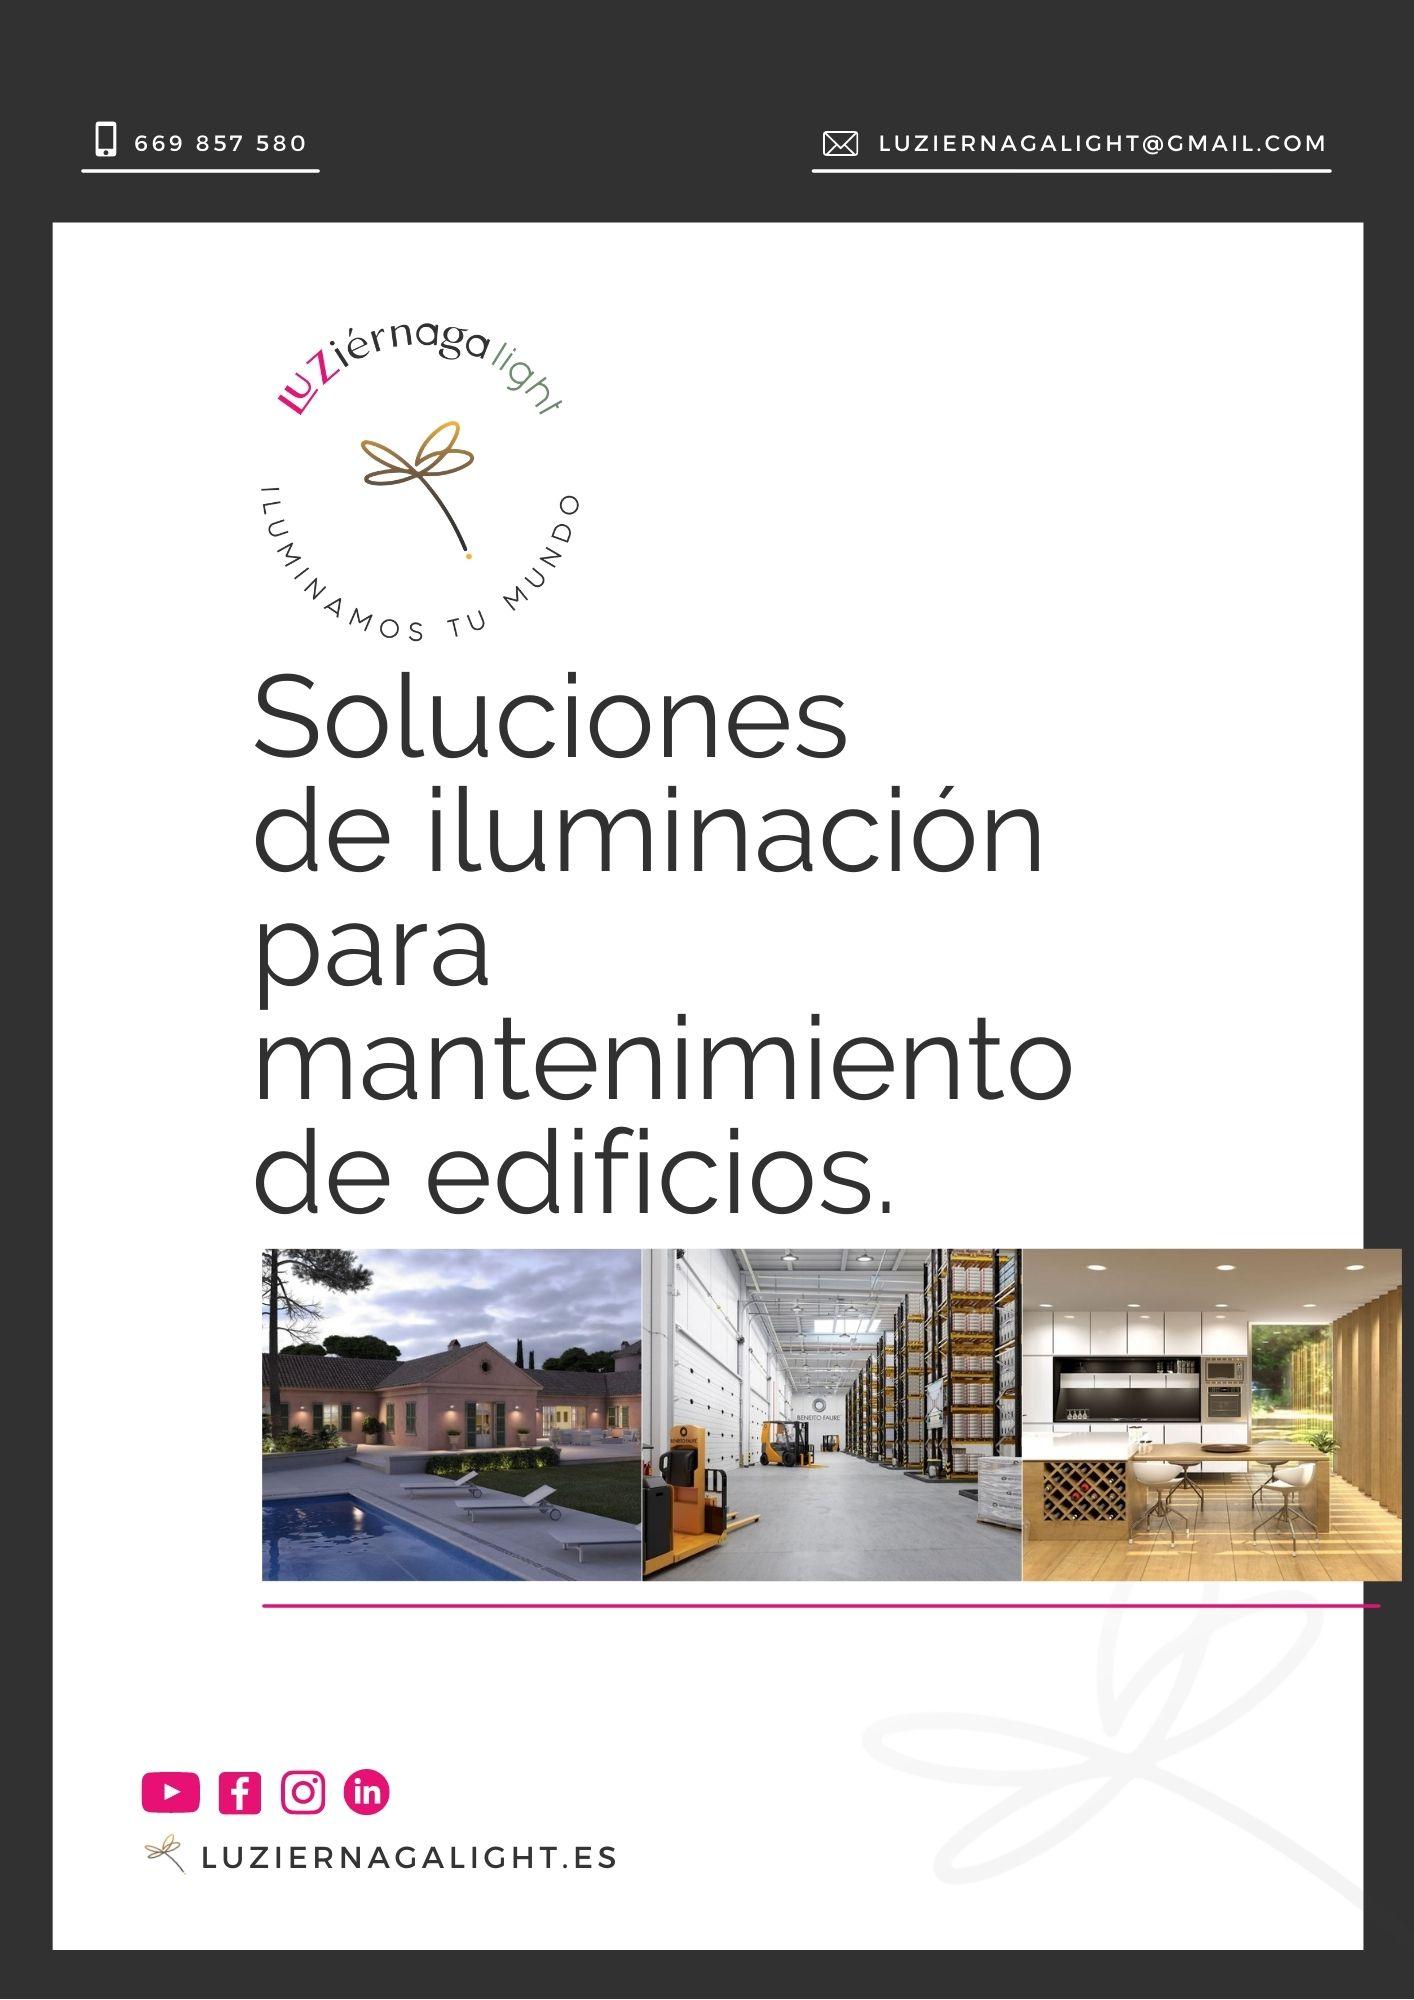 catalogo iluminación mantenimiento de edificios